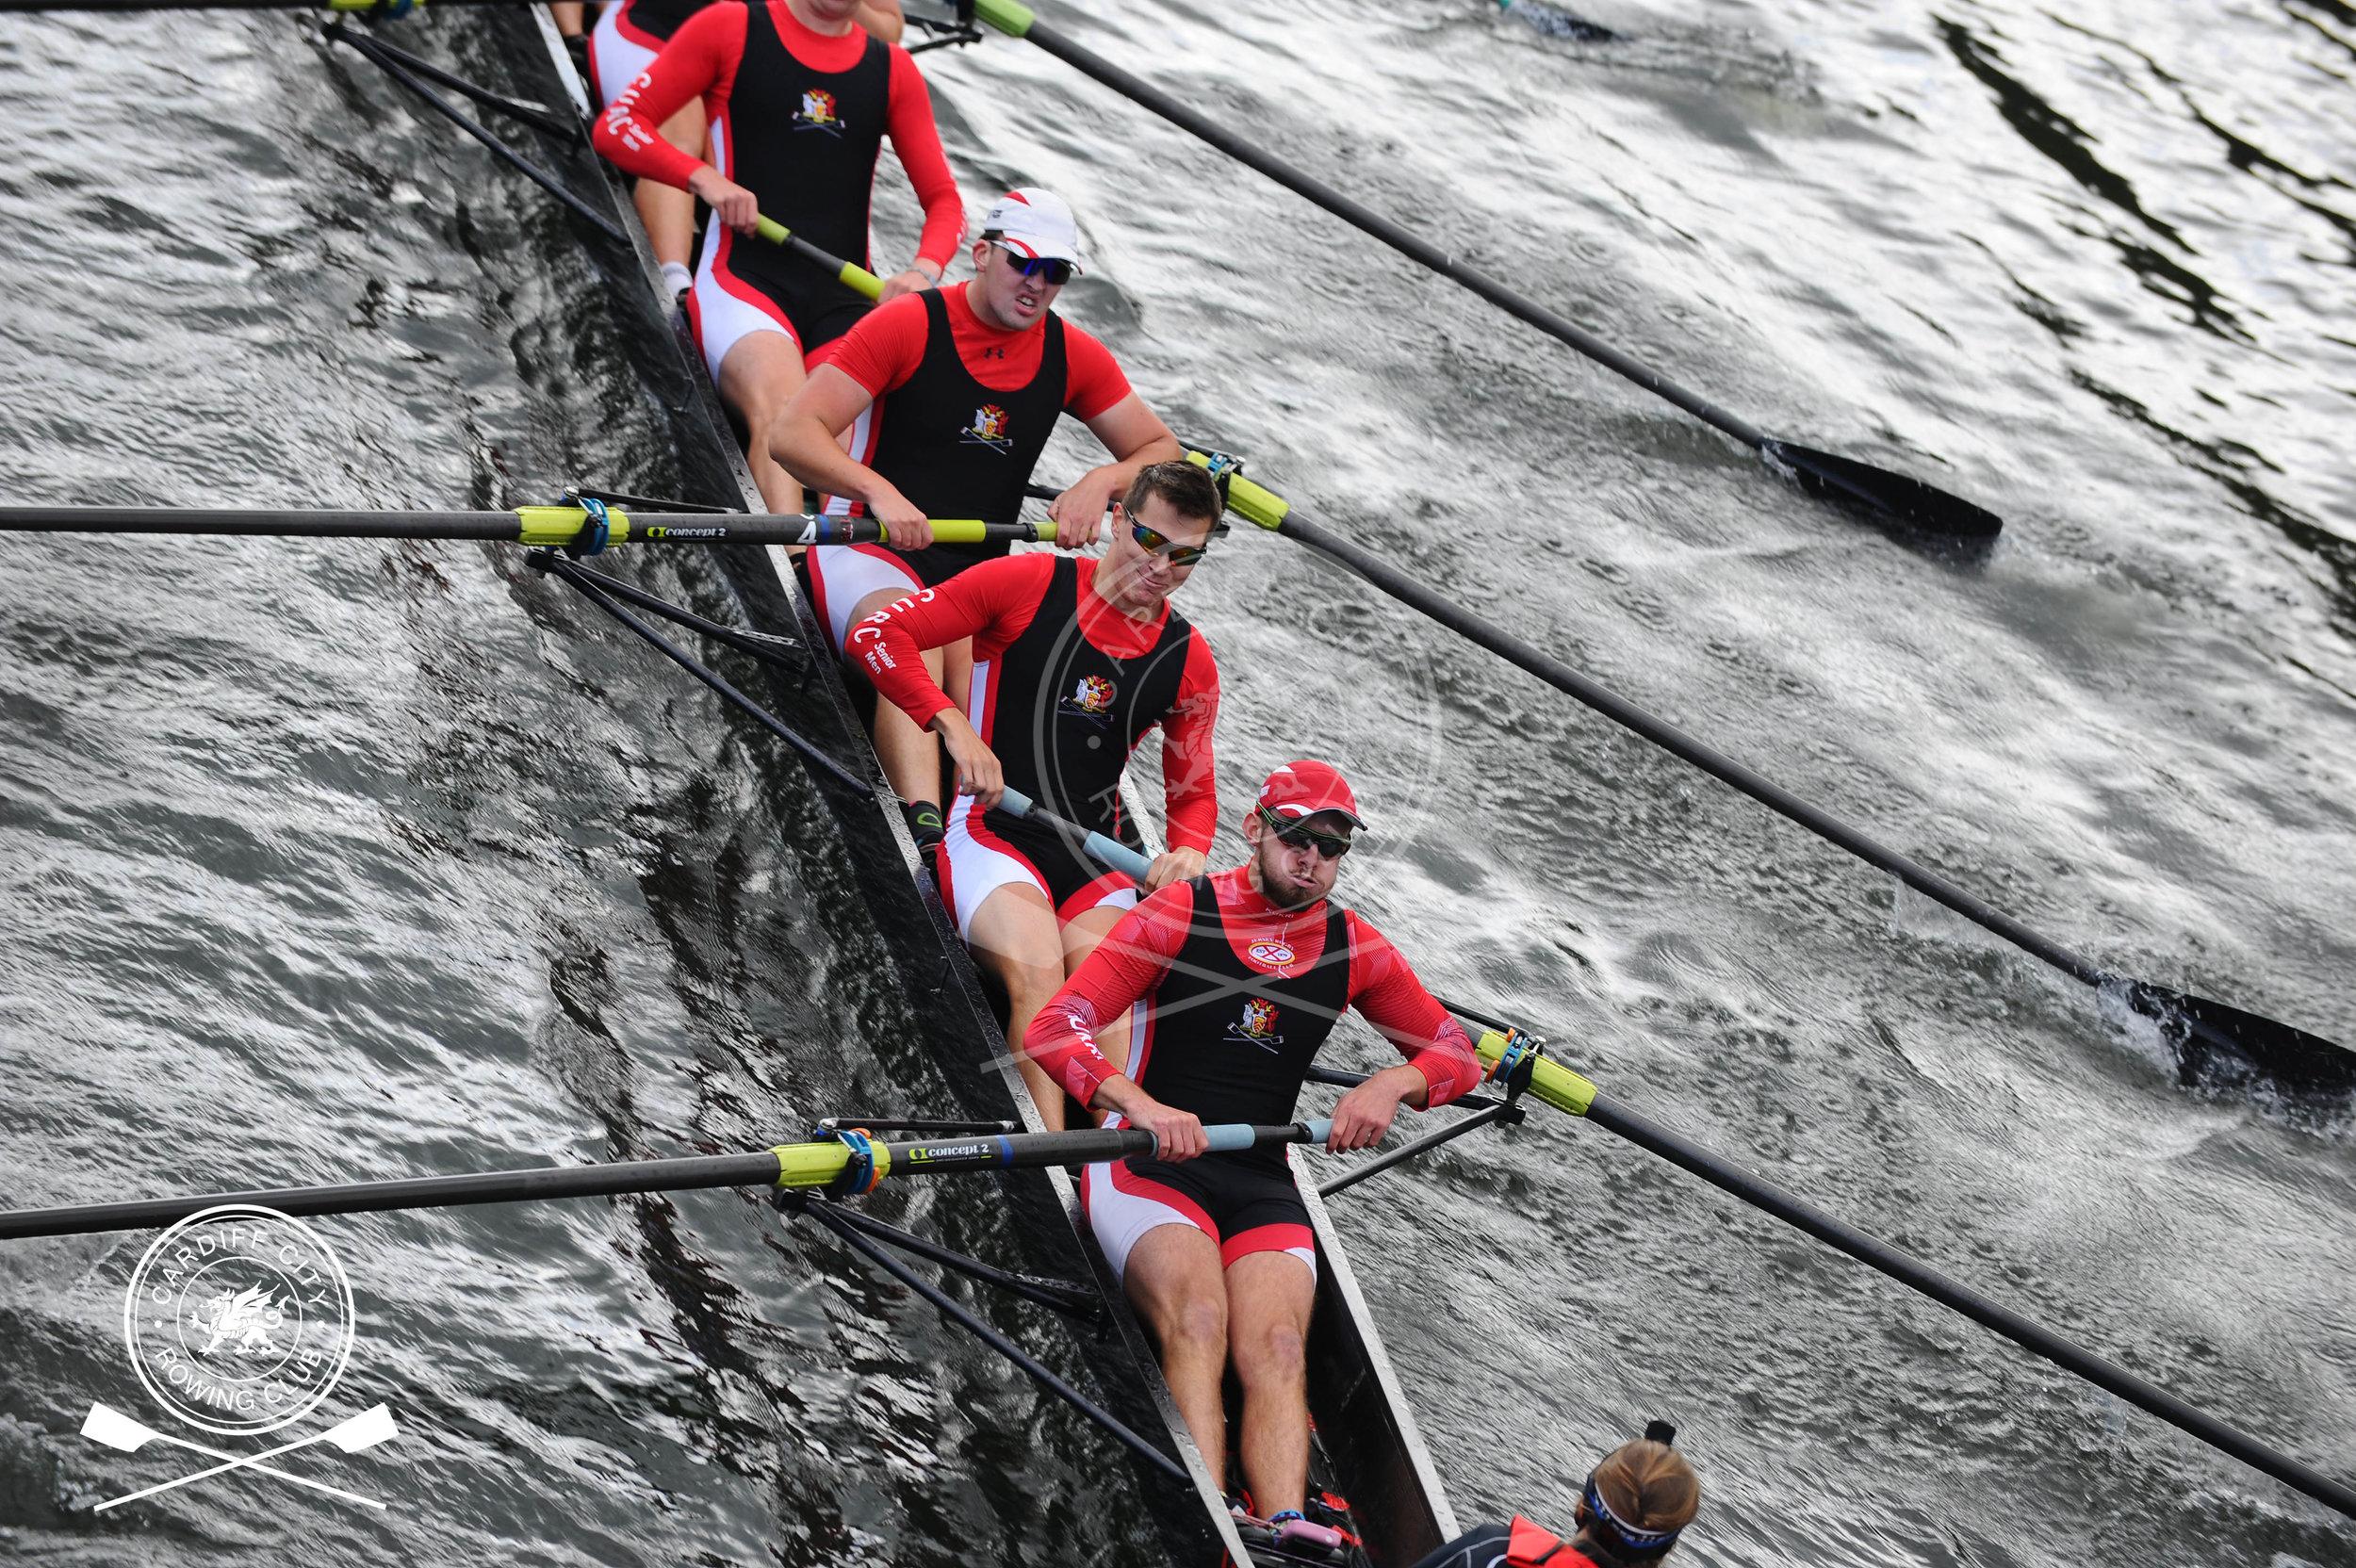 Cardiff_City_Head_Race_230.jpg